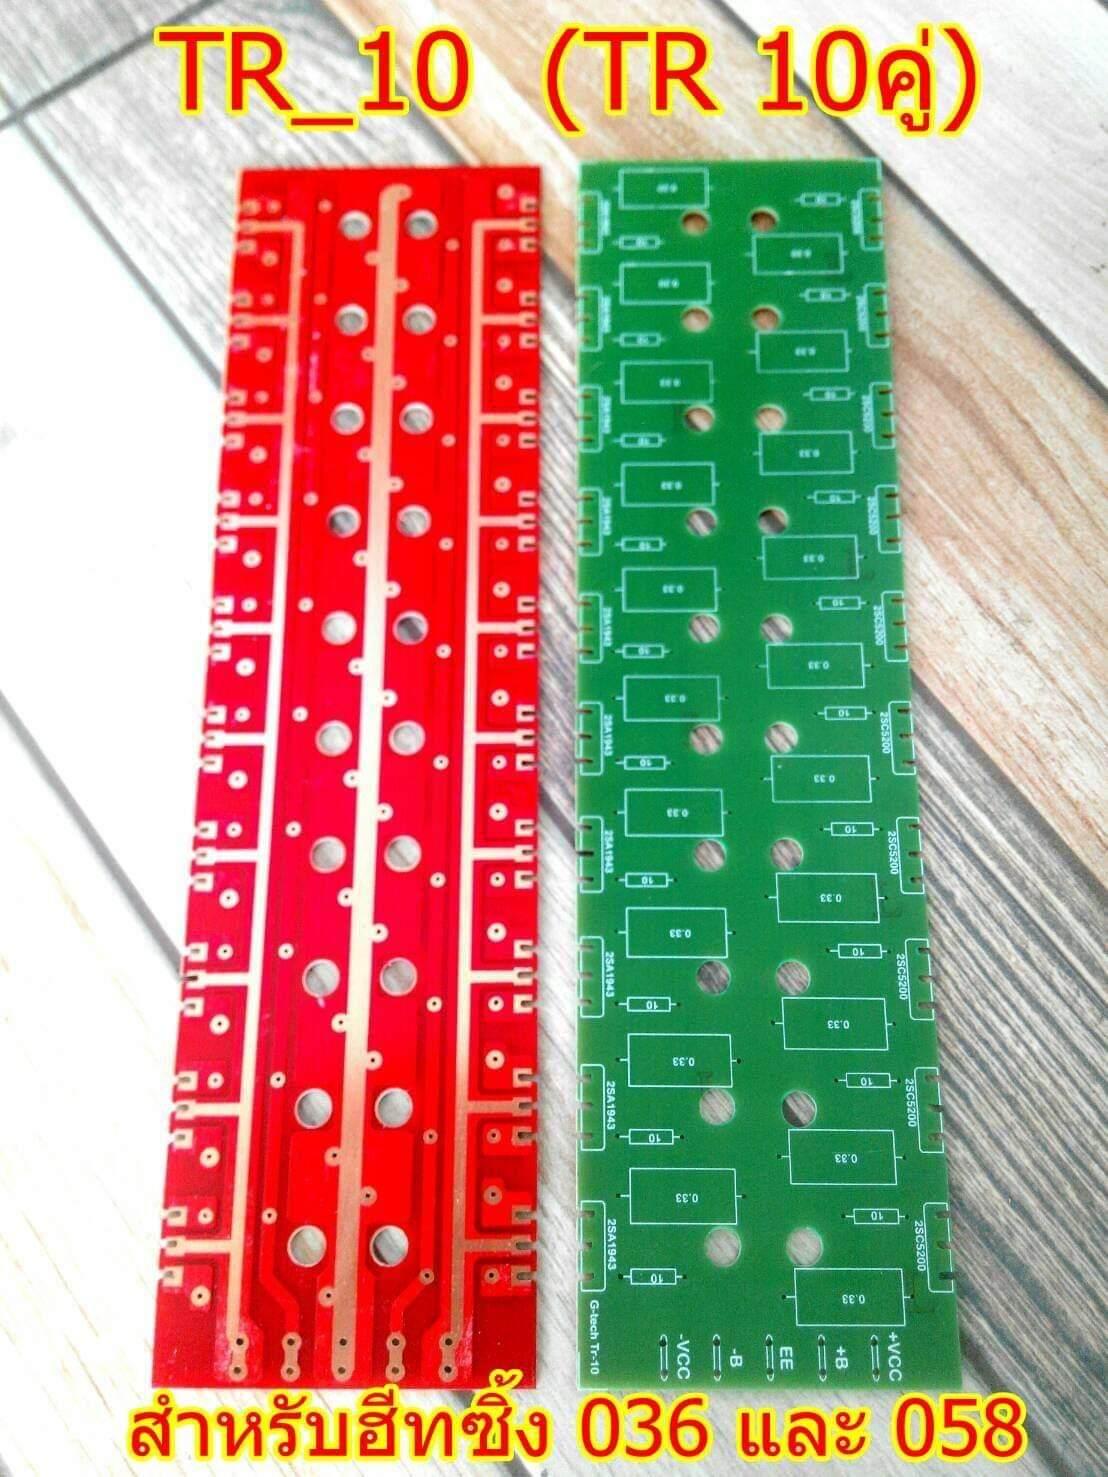 Tr_10-12 แผ่นขนาน ทรานซิสเตอร์ Output สำหรับเพาเวอร์แอมป์วัตต์สูง 10-12คู่.